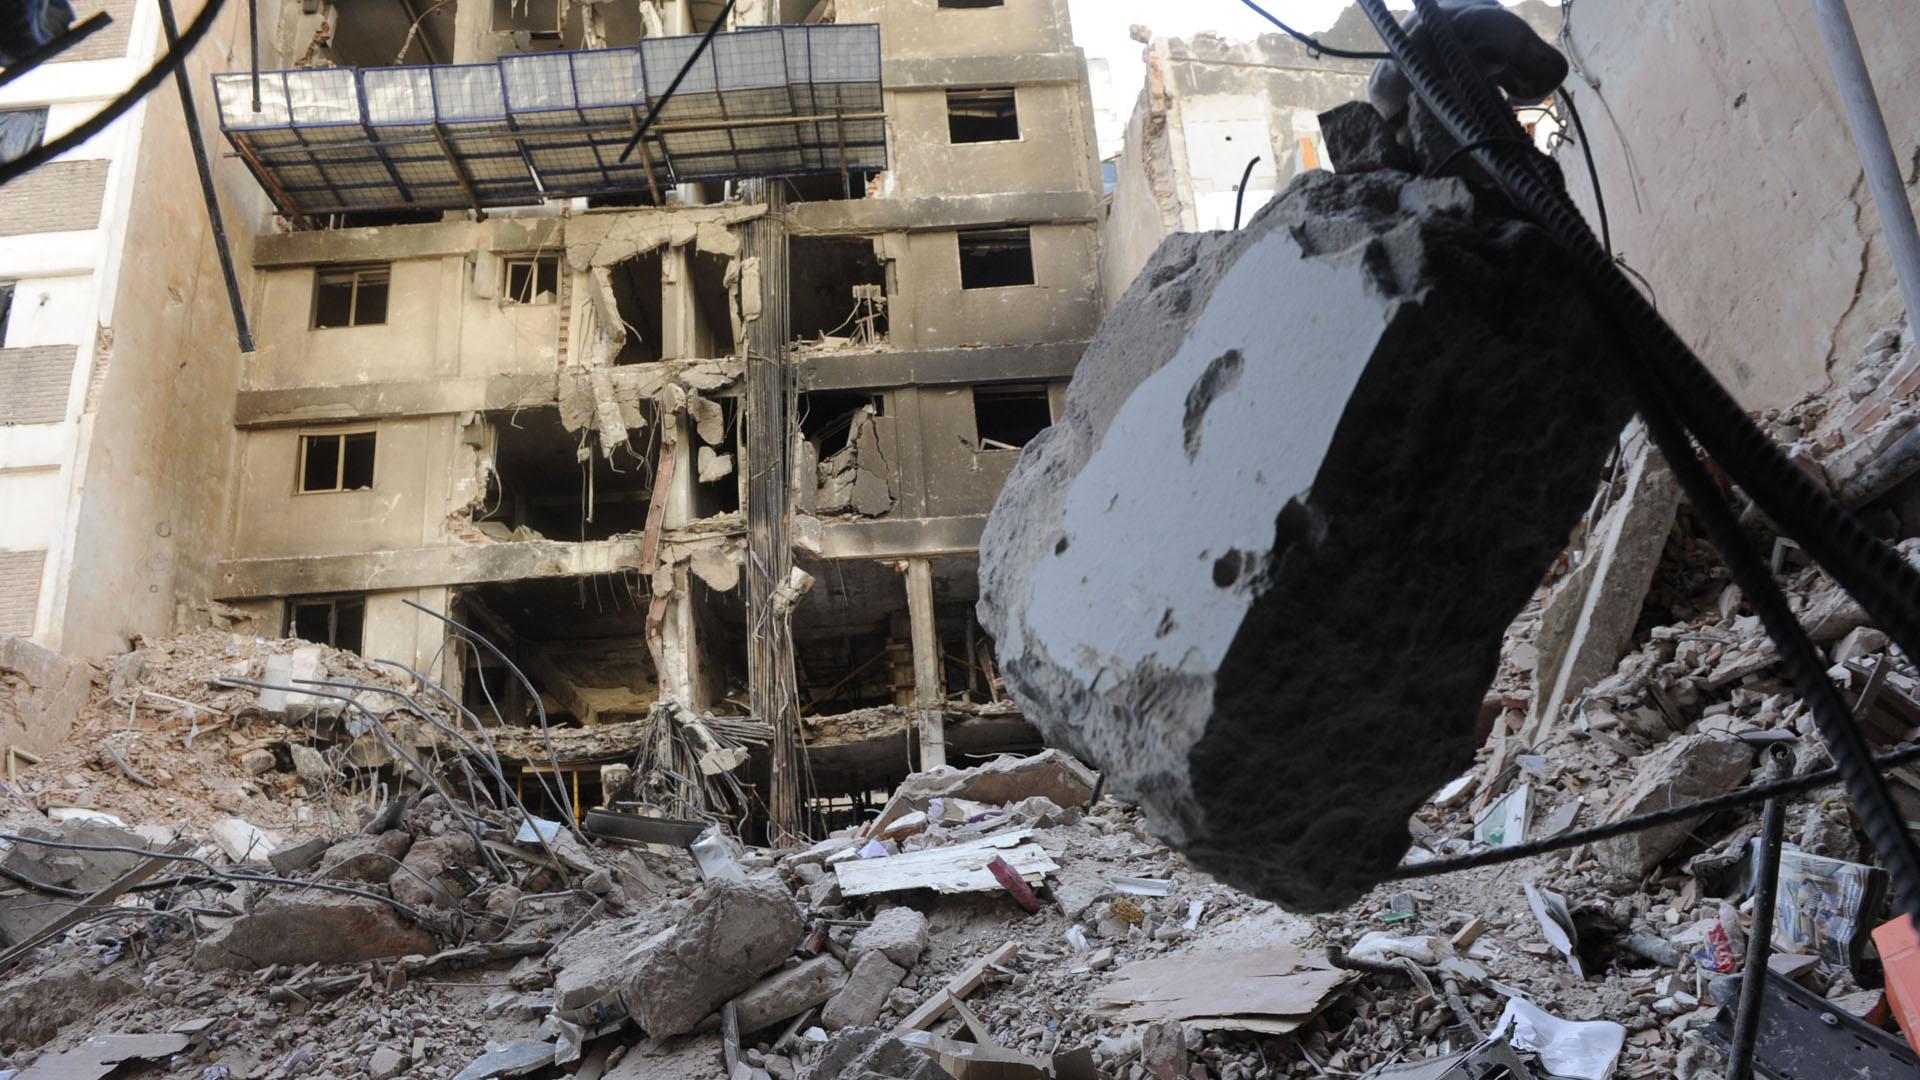 Hubo 22 muertos y decenas de heridos (foto gentileza La Capital)